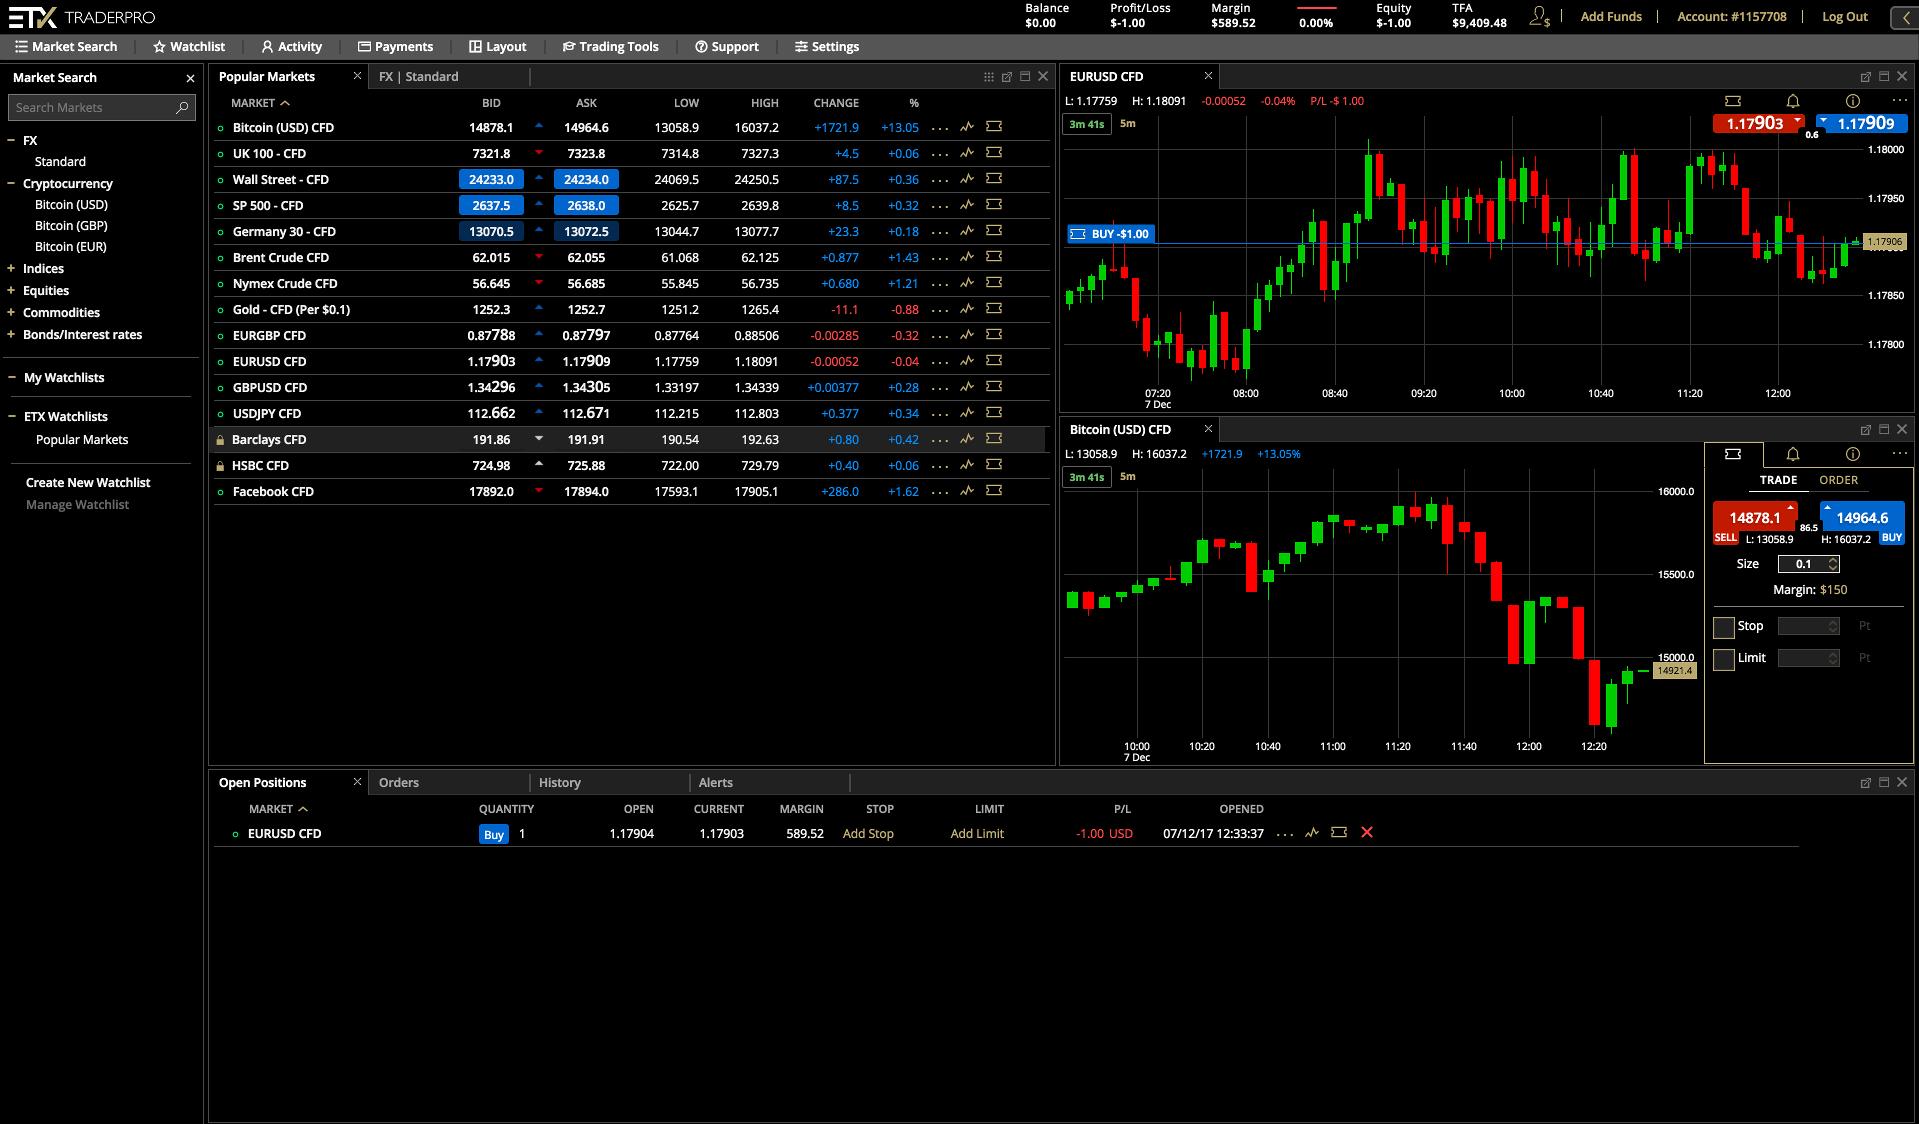 ETX Capital - Opiniones y Review del Broker